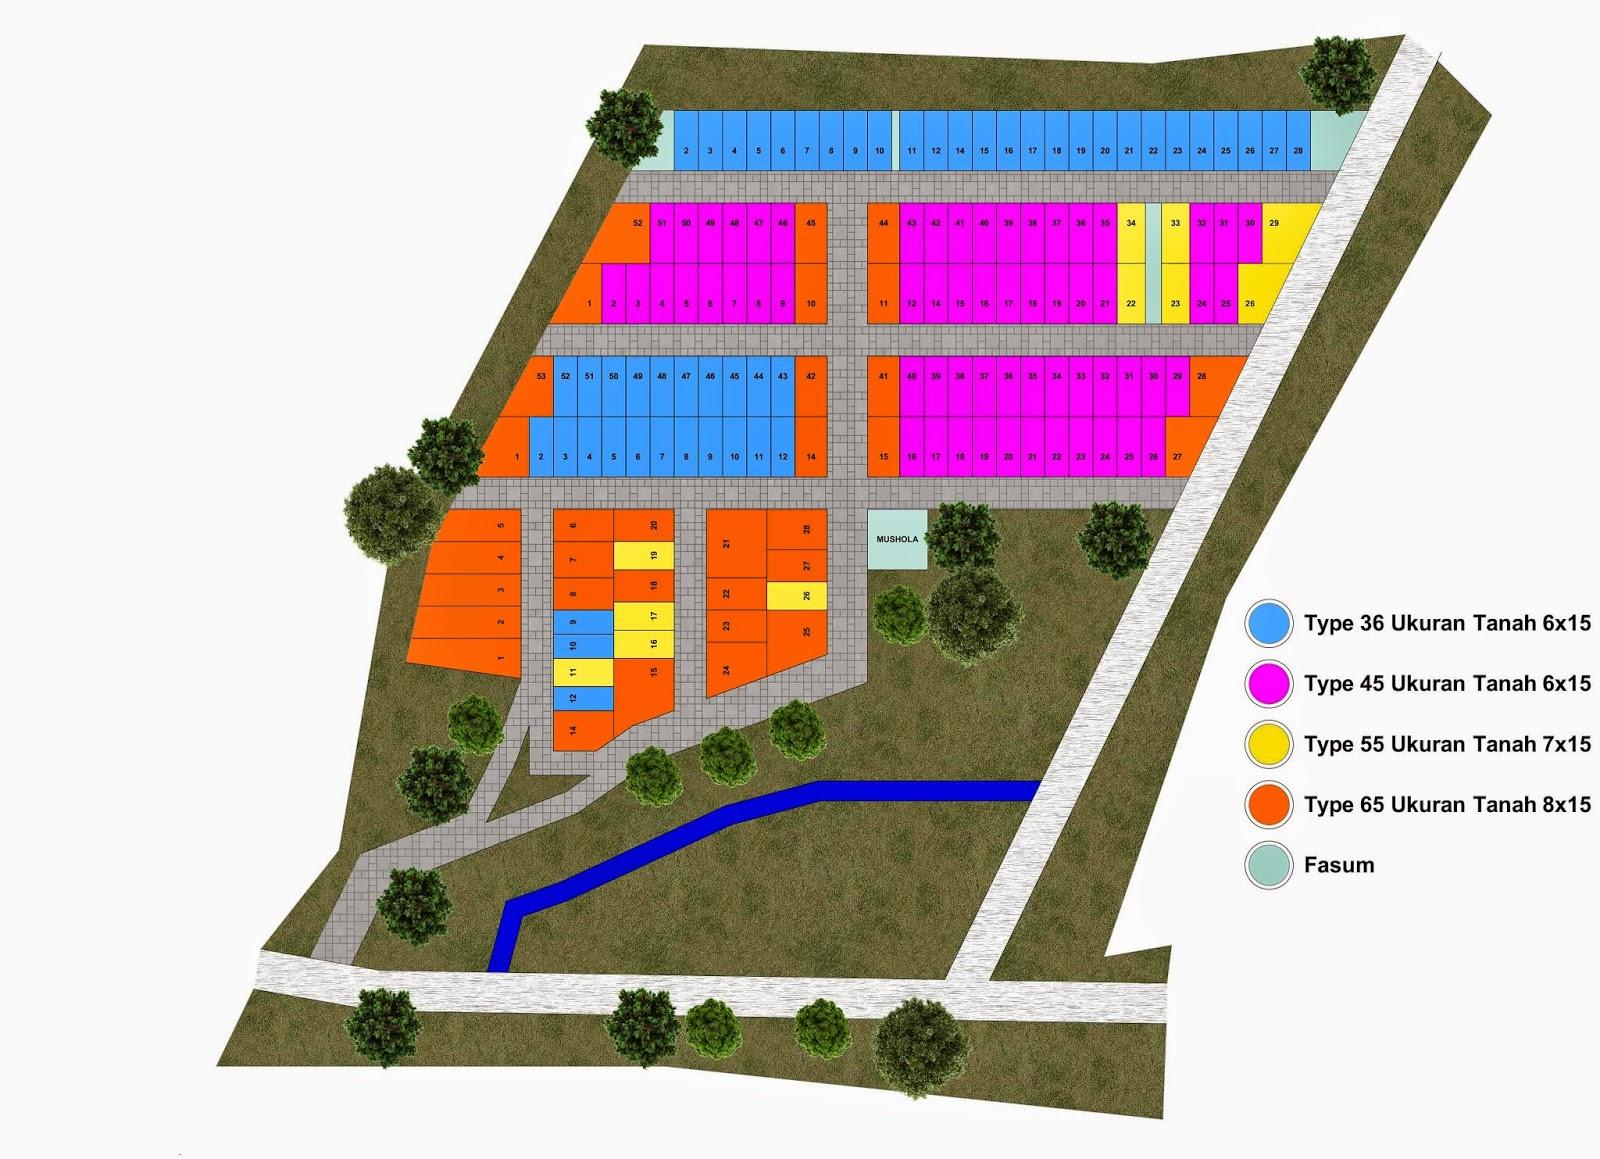 Desain Rumah Minimalis - 2D Site Plan